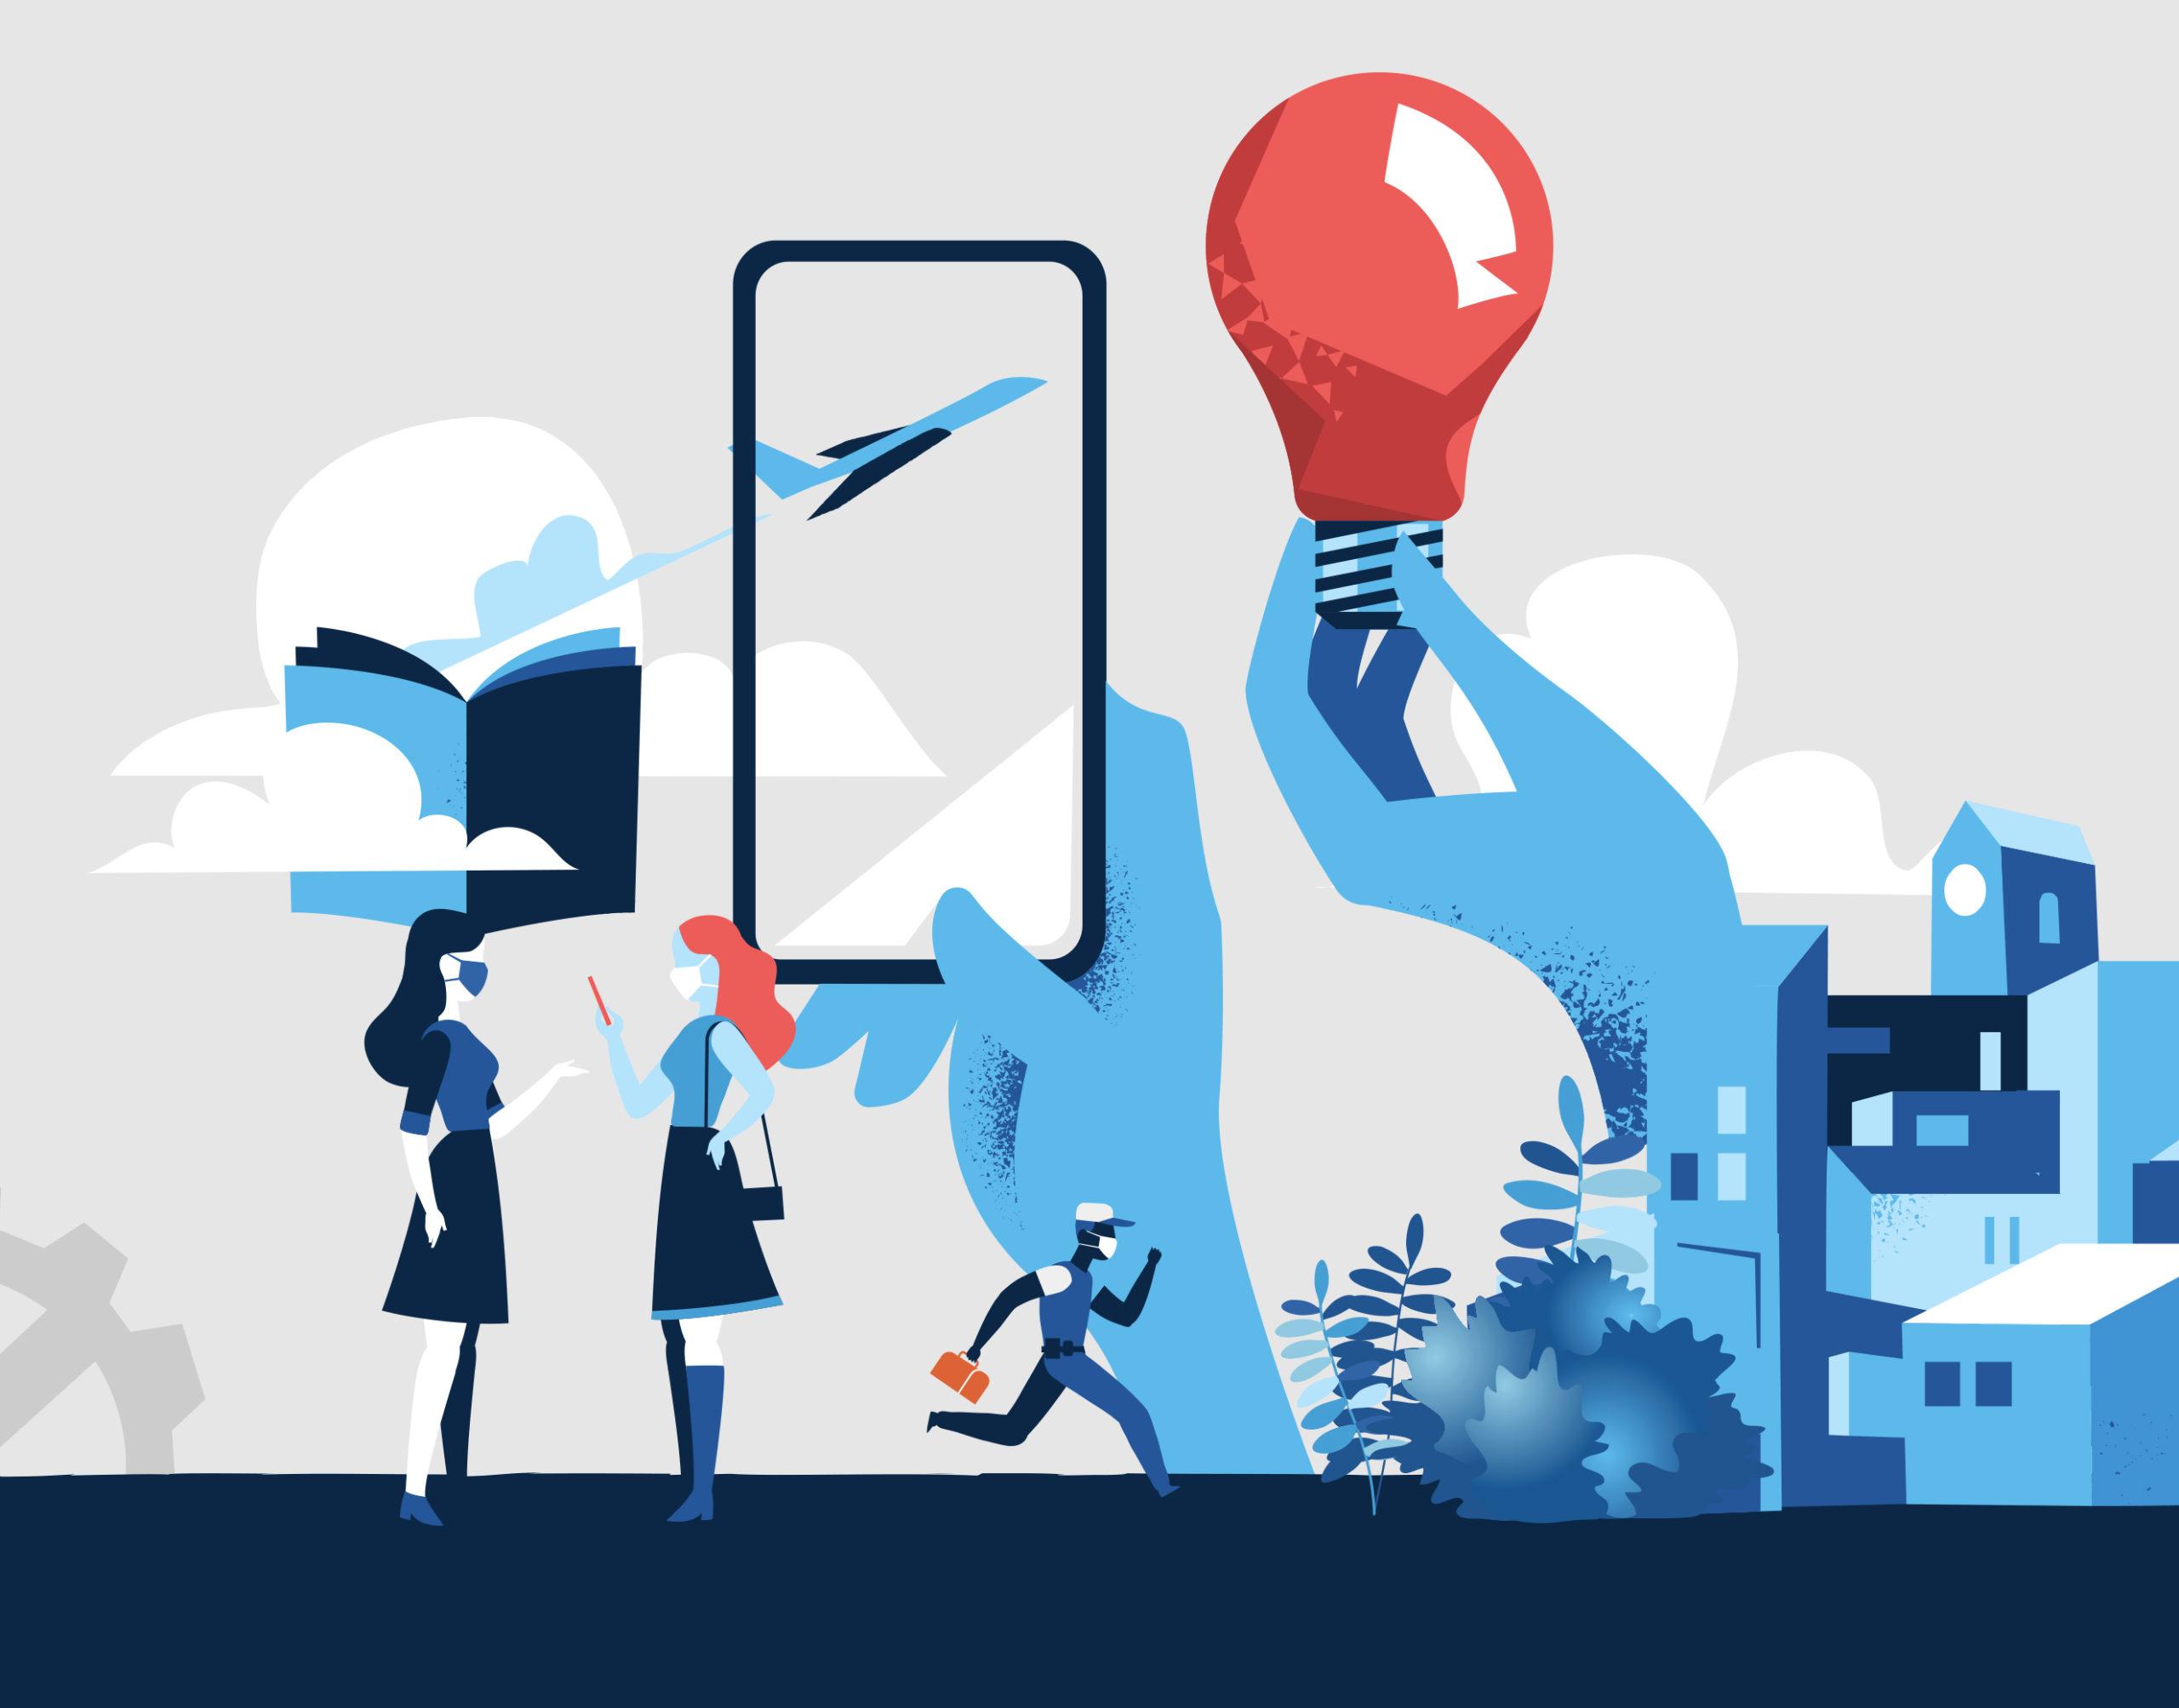 Symbolbild zum Stand der Digitalisierung der Kommunikation in Unternehmen.